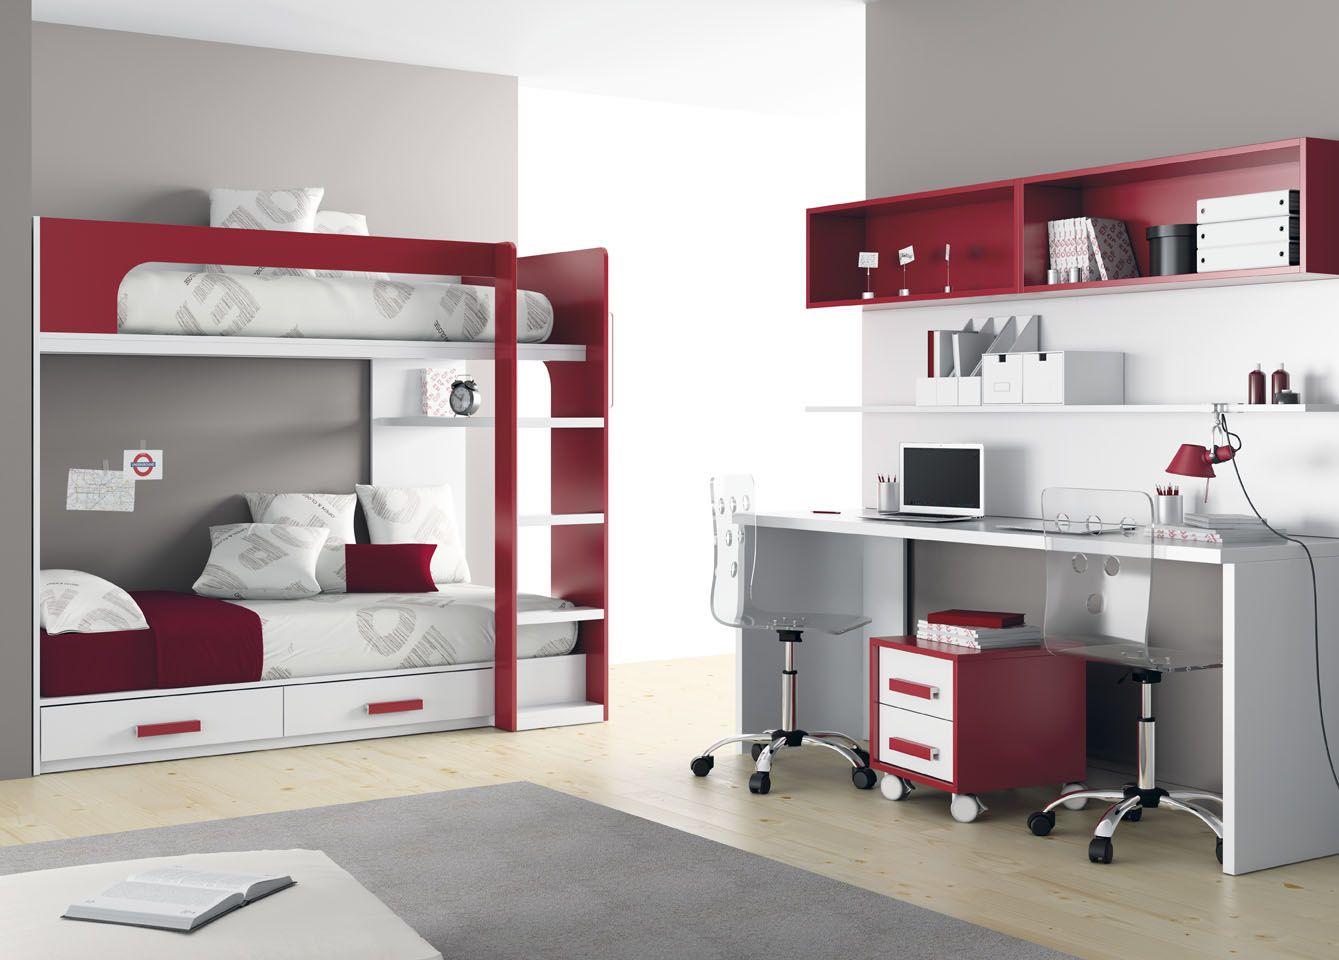 Habitación infantil del catálogo de mueble juvenil \